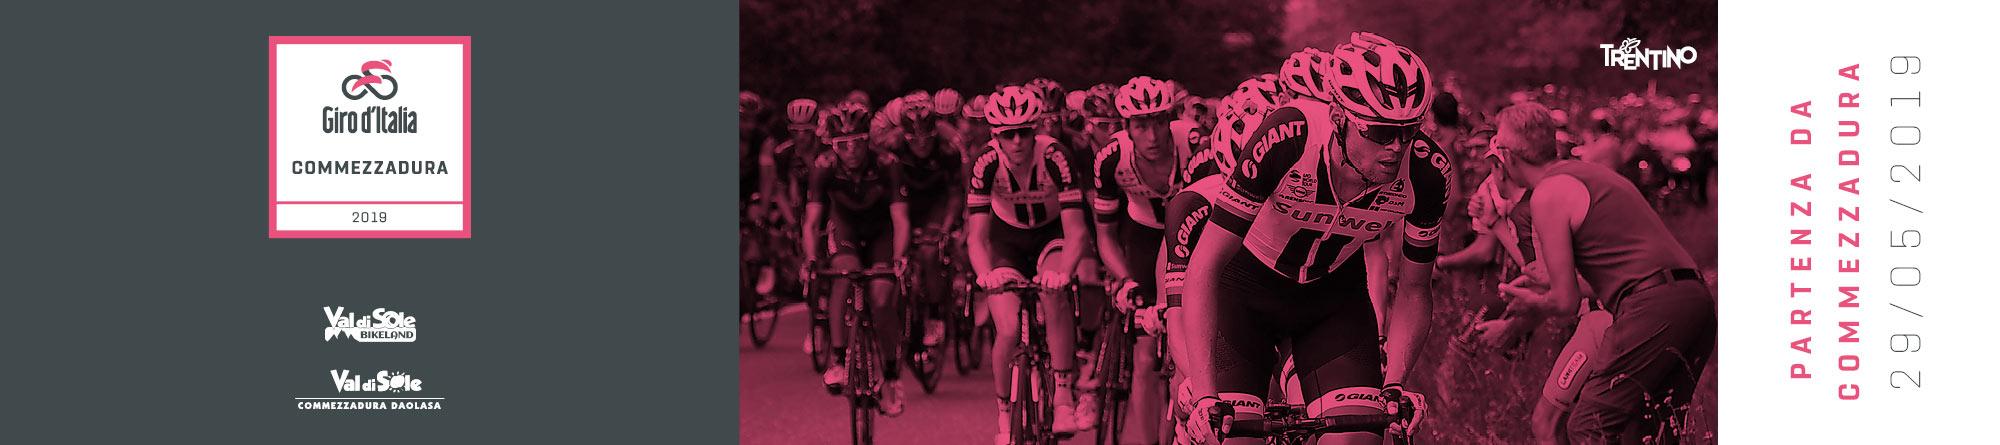 Comunicati stampa Giro d'Italia 2019